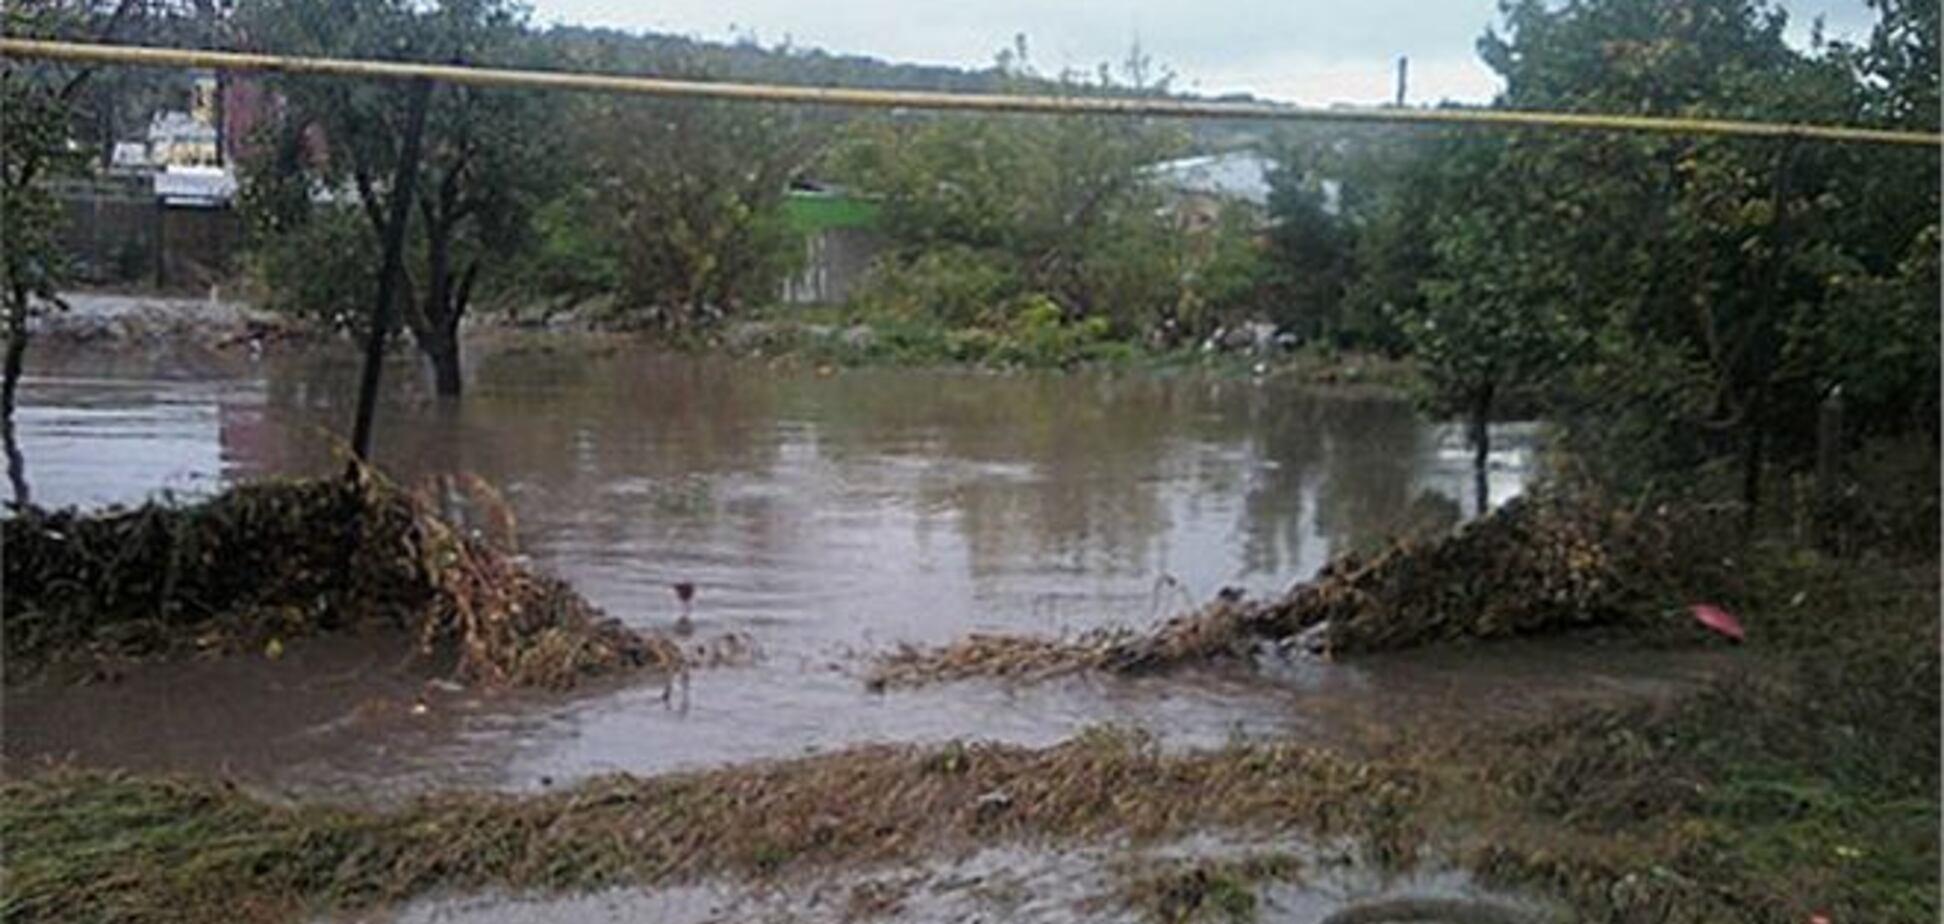 Жителя Одещини змило під час повені